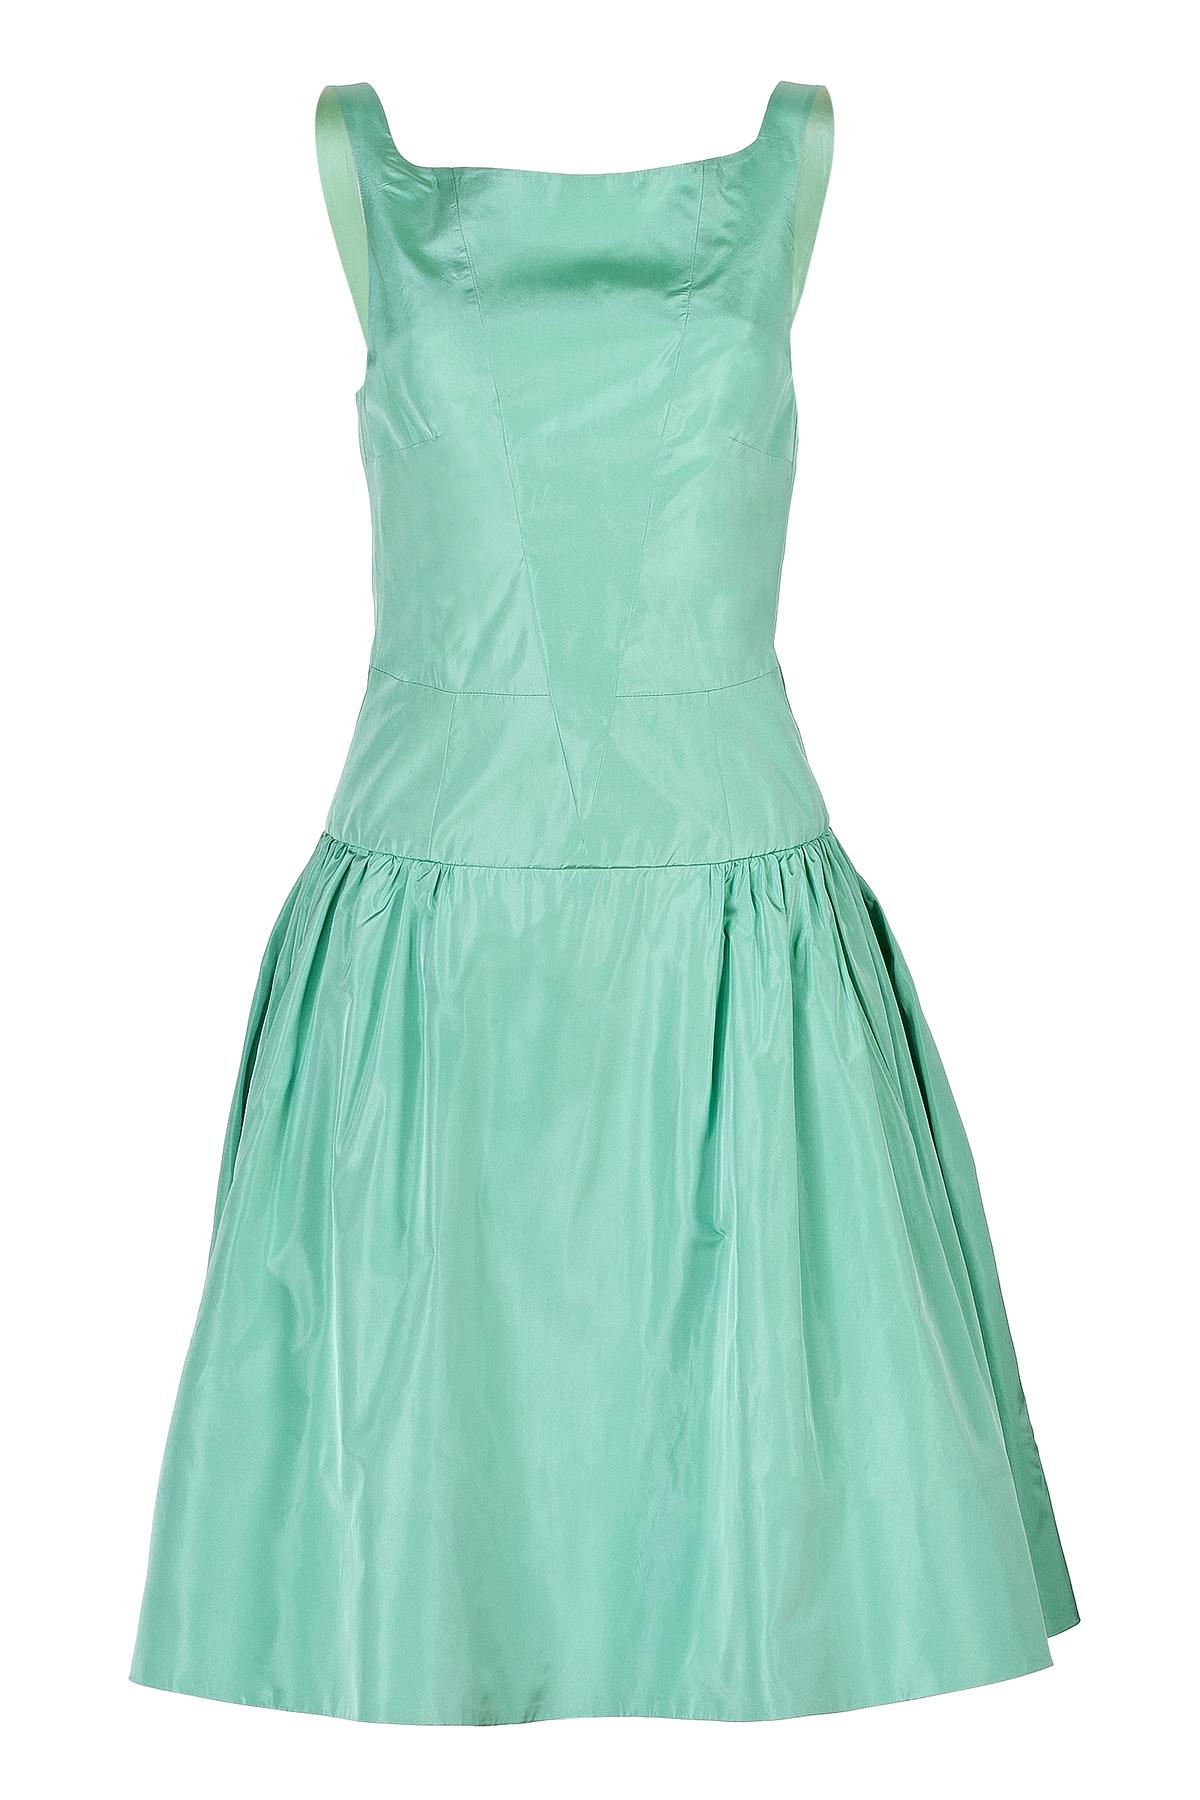 Lyst - Rochas Silk Taffeta Flared Dress In Mint - Turquoise in Green